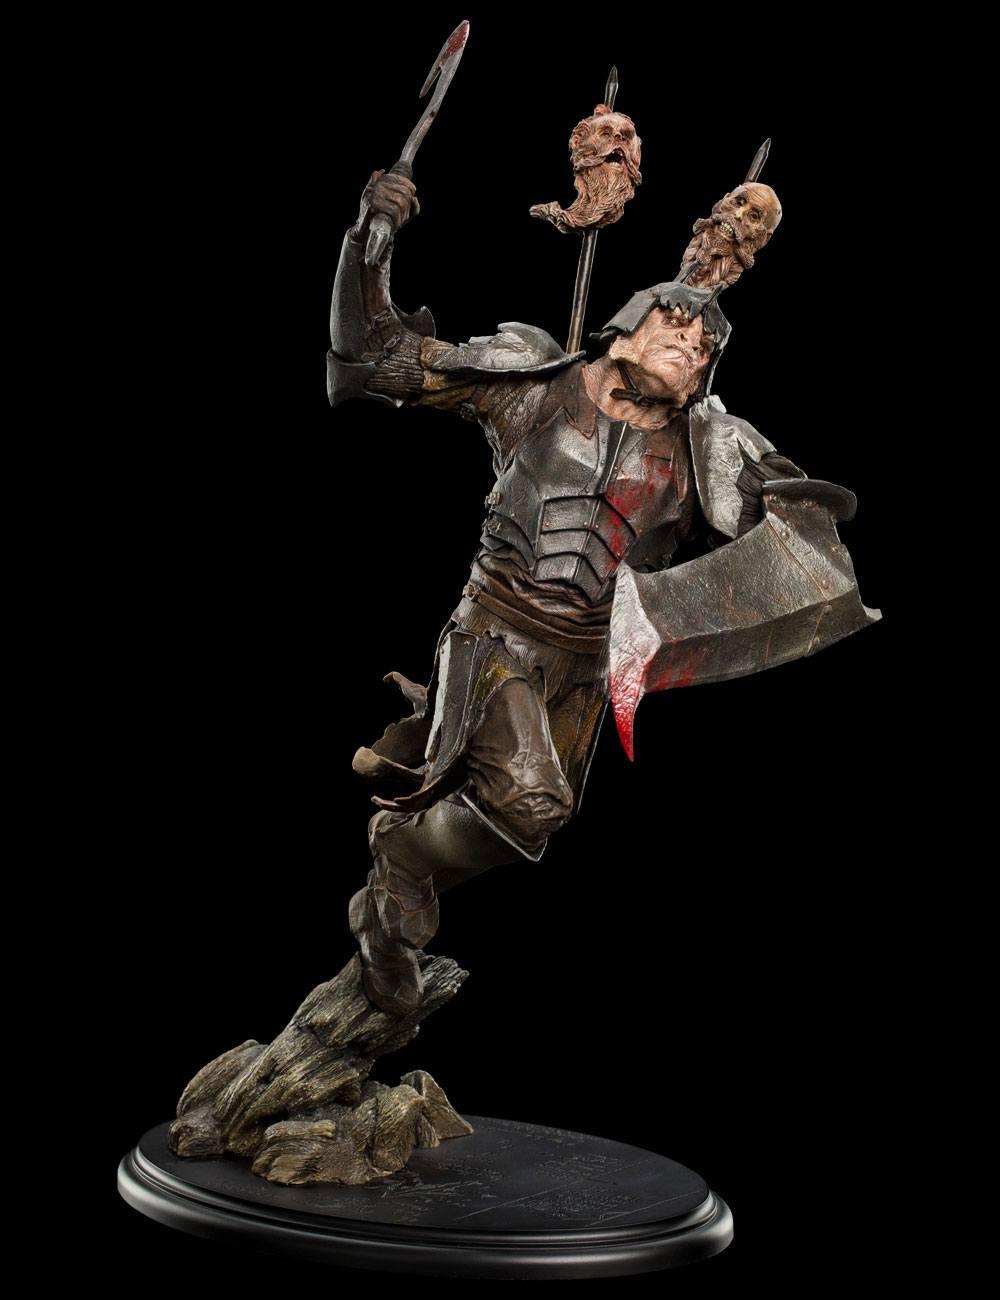 Hobbit The Battle of the Five Armies Statue 1/6 Dol Guldur Orc Soldier 48 cm